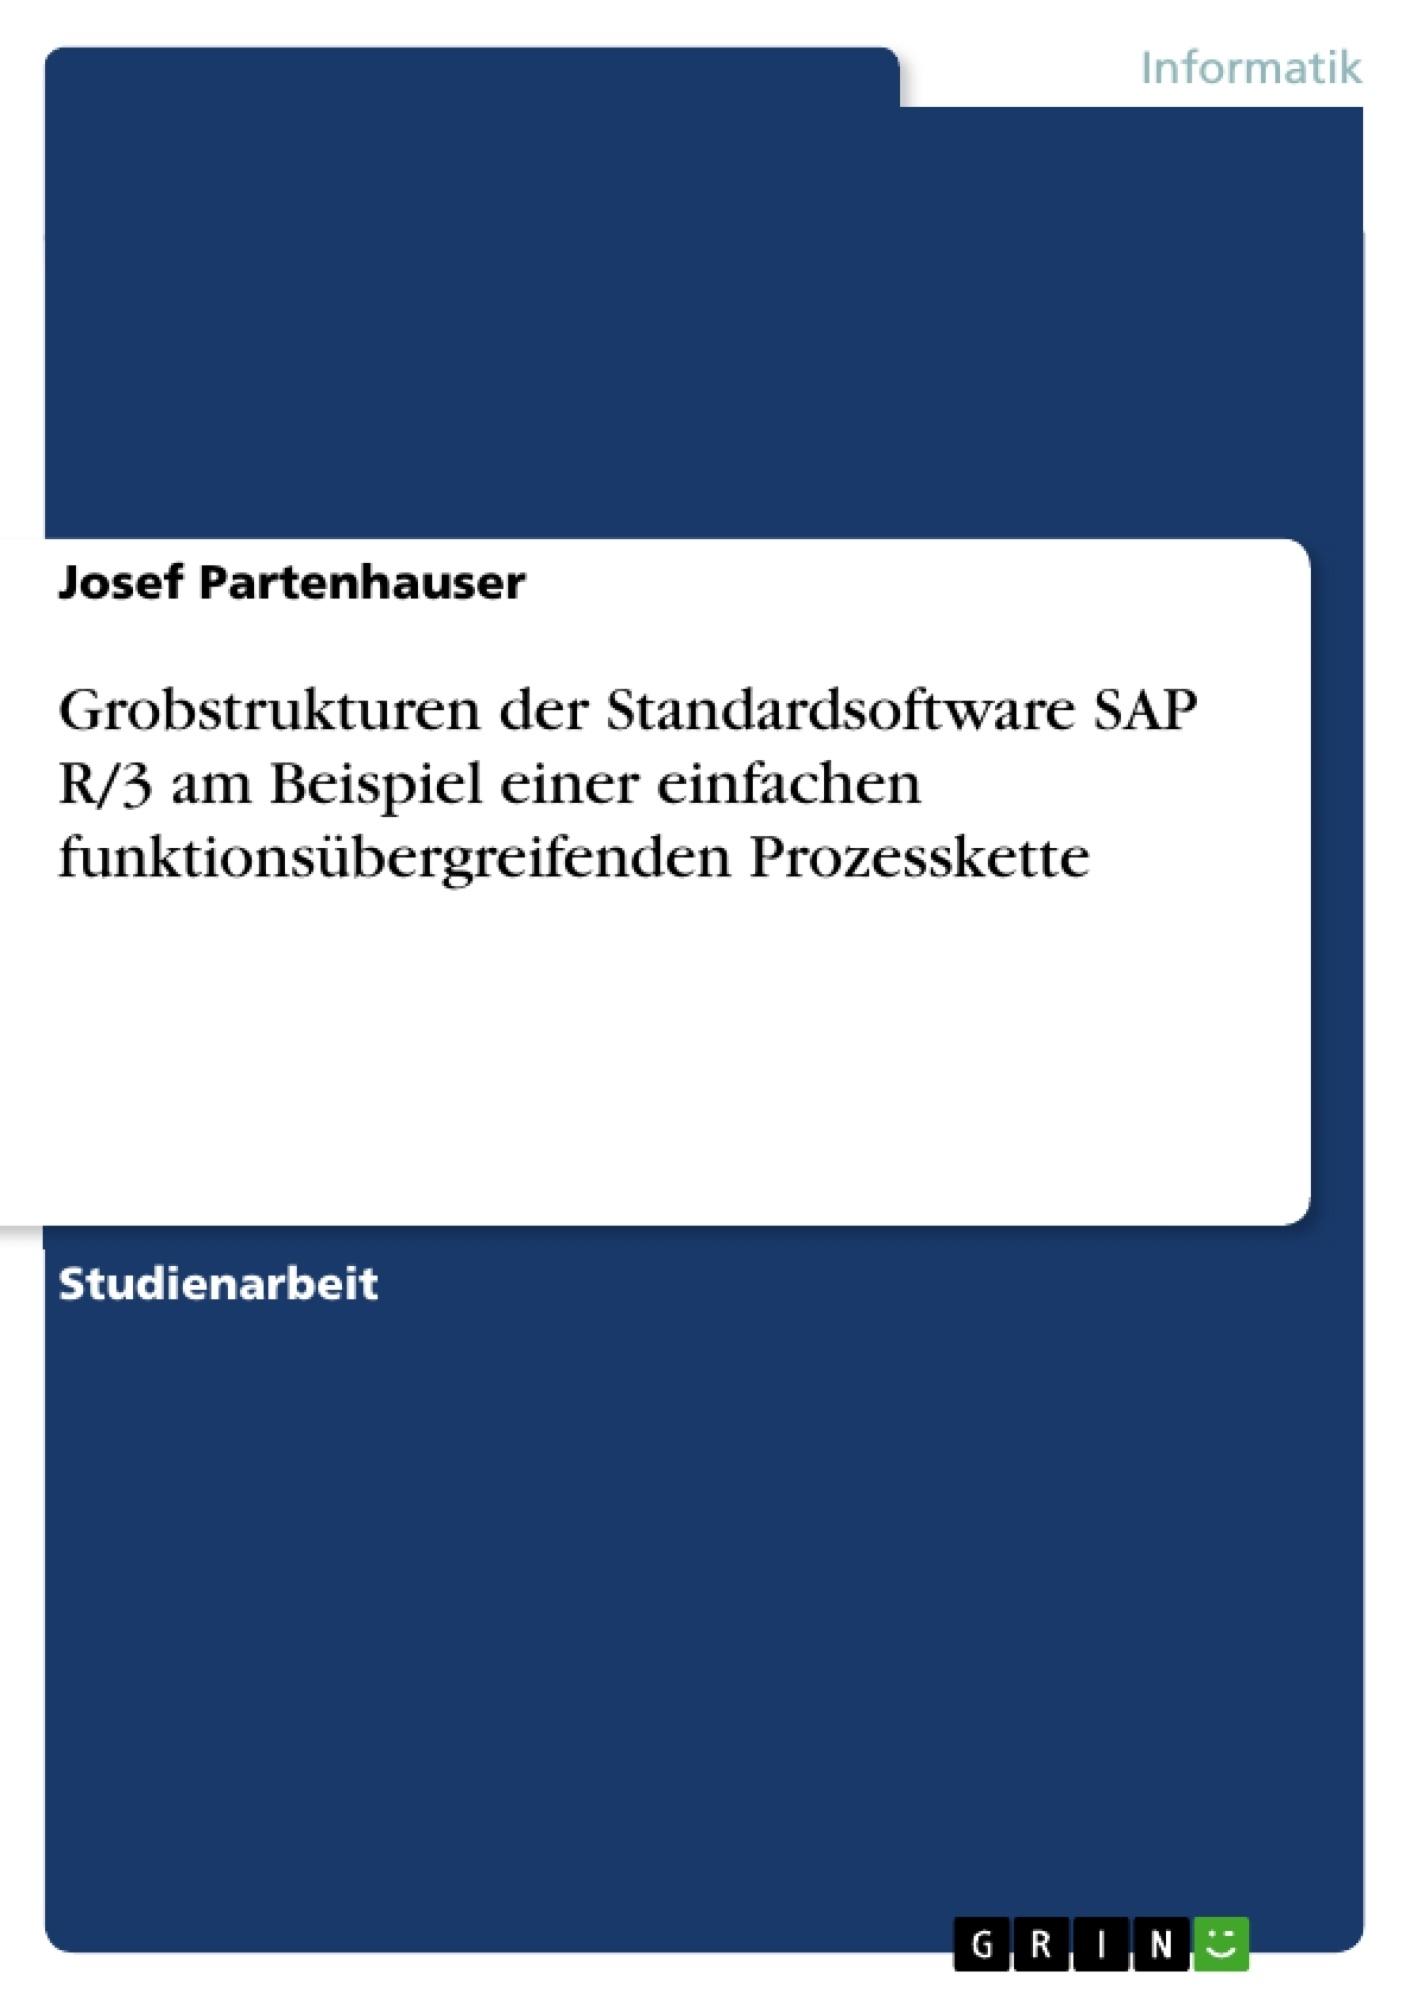 Titel: Grobstrukturen der Standardsoftware SAP R/3 am Beispiel einer einfachen funktionsübergreifenden Prozesskette